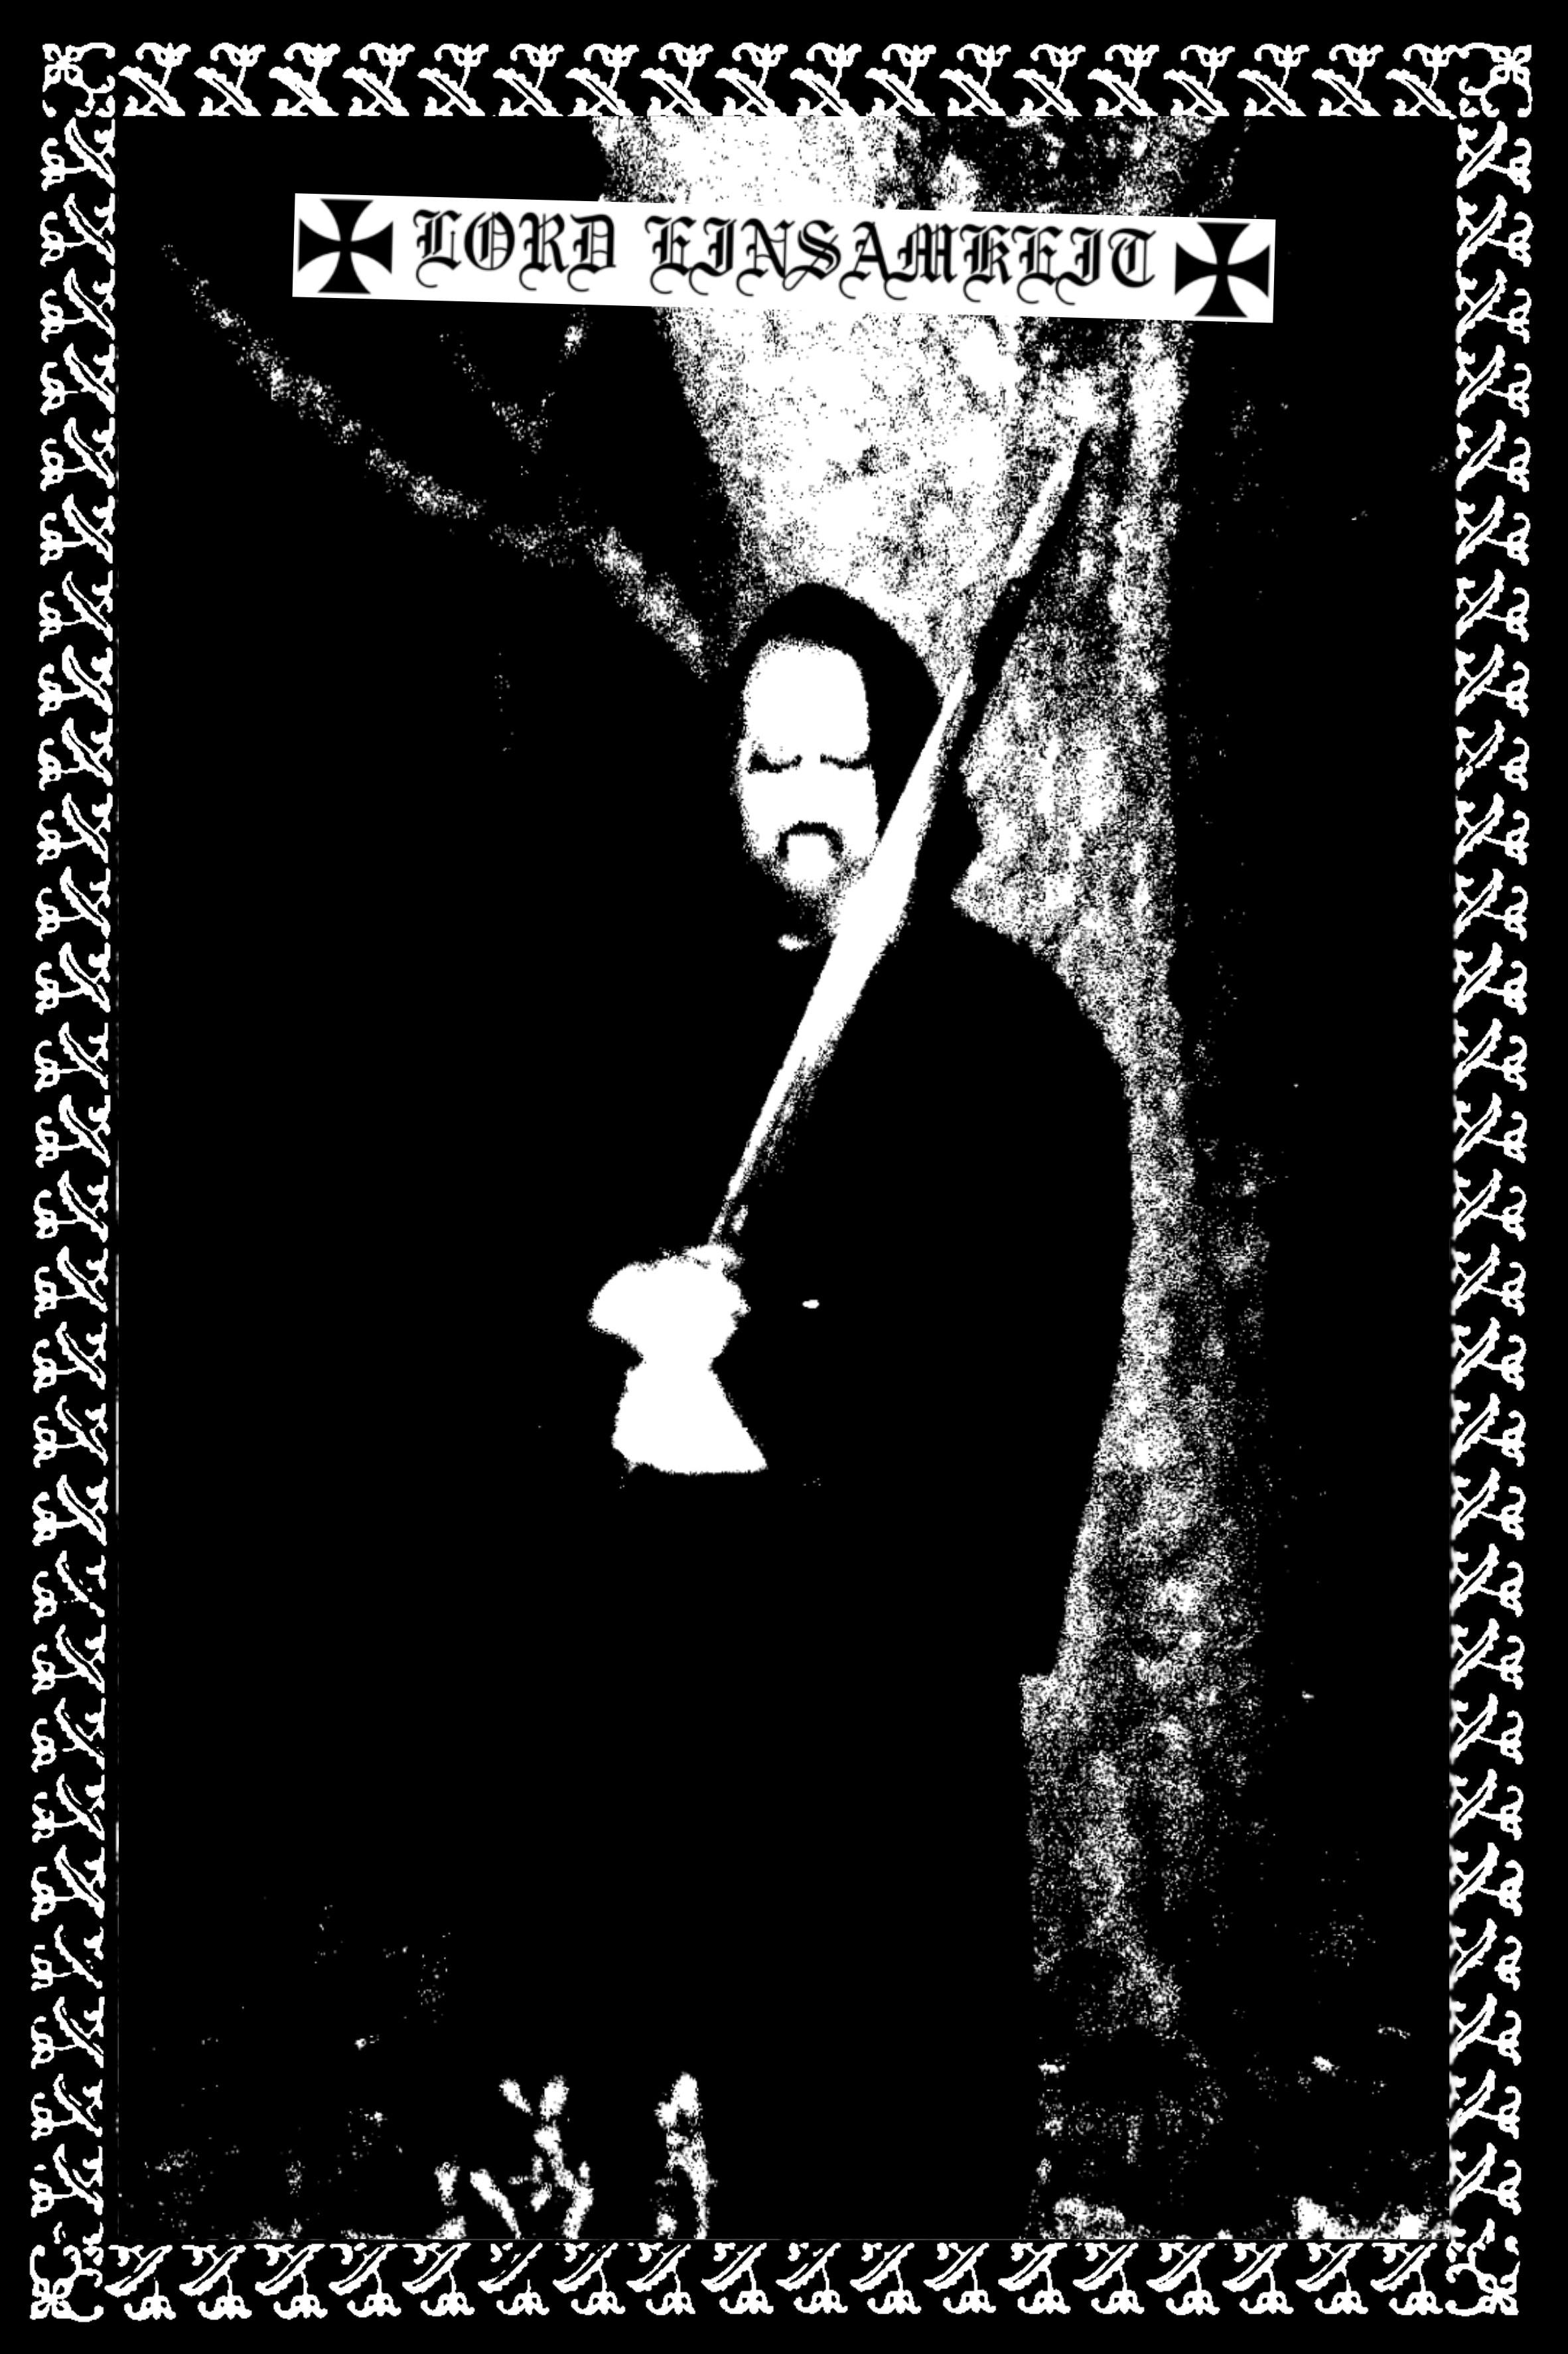 Lord Einsamkeit